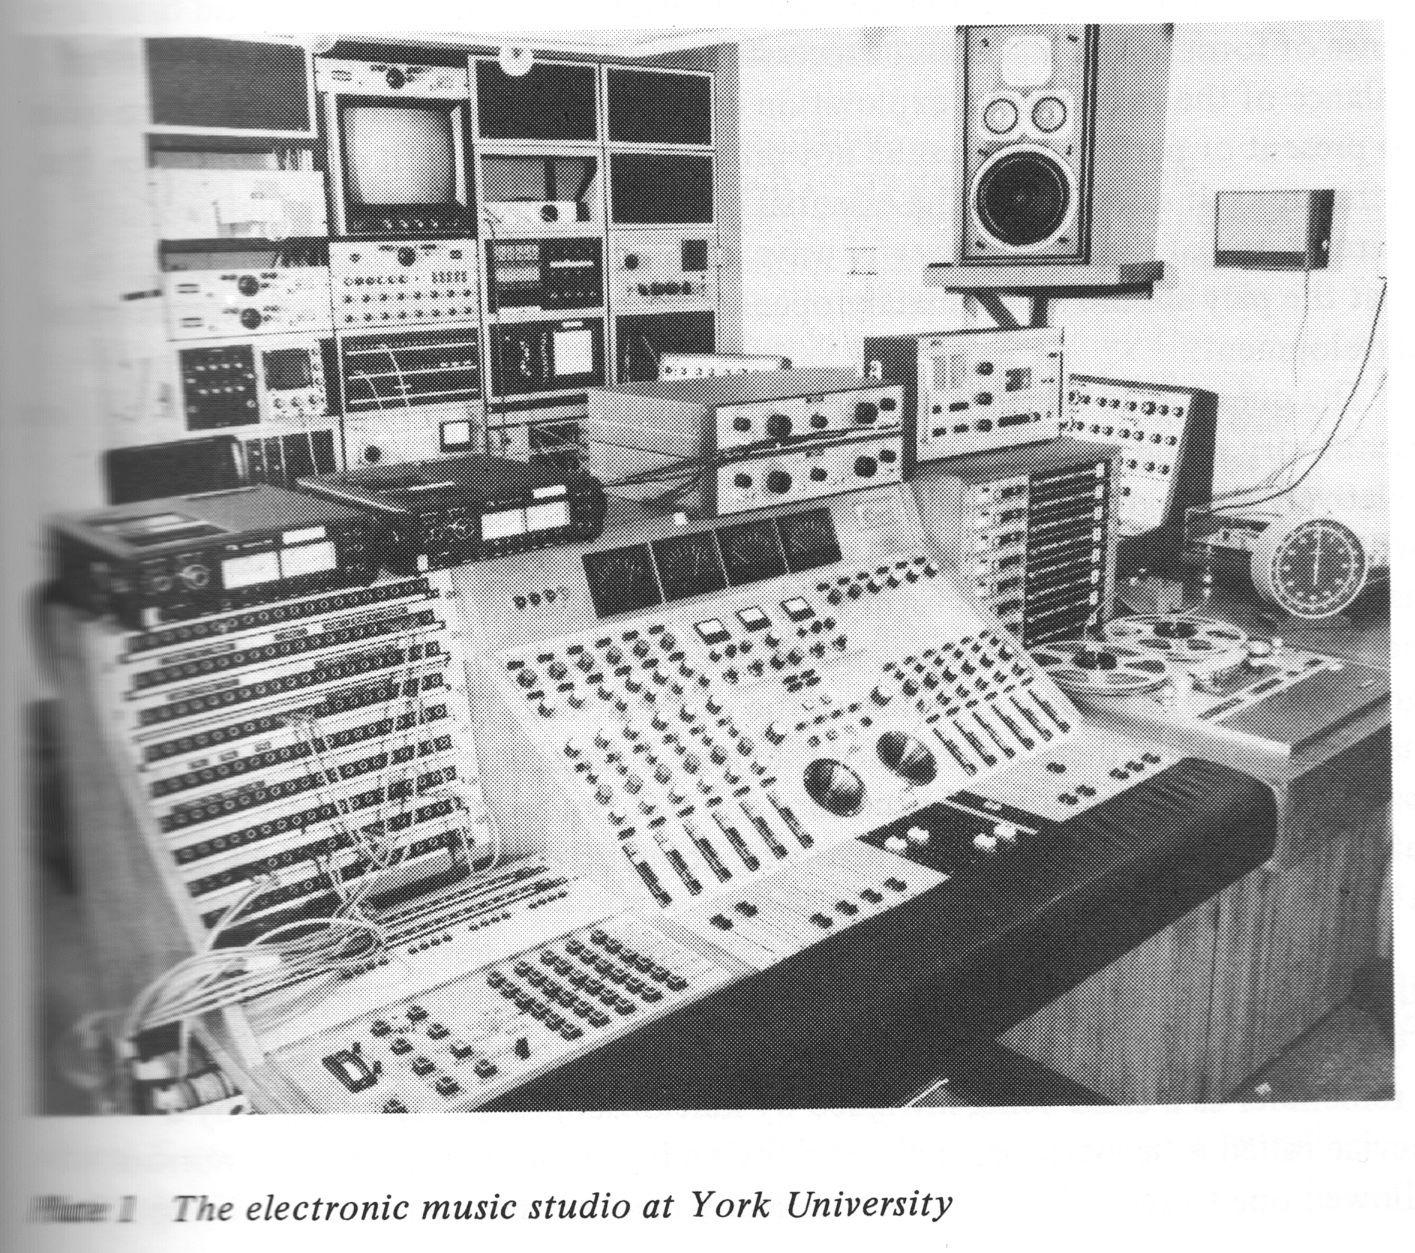 York University electronicmusic synthesizer instruments